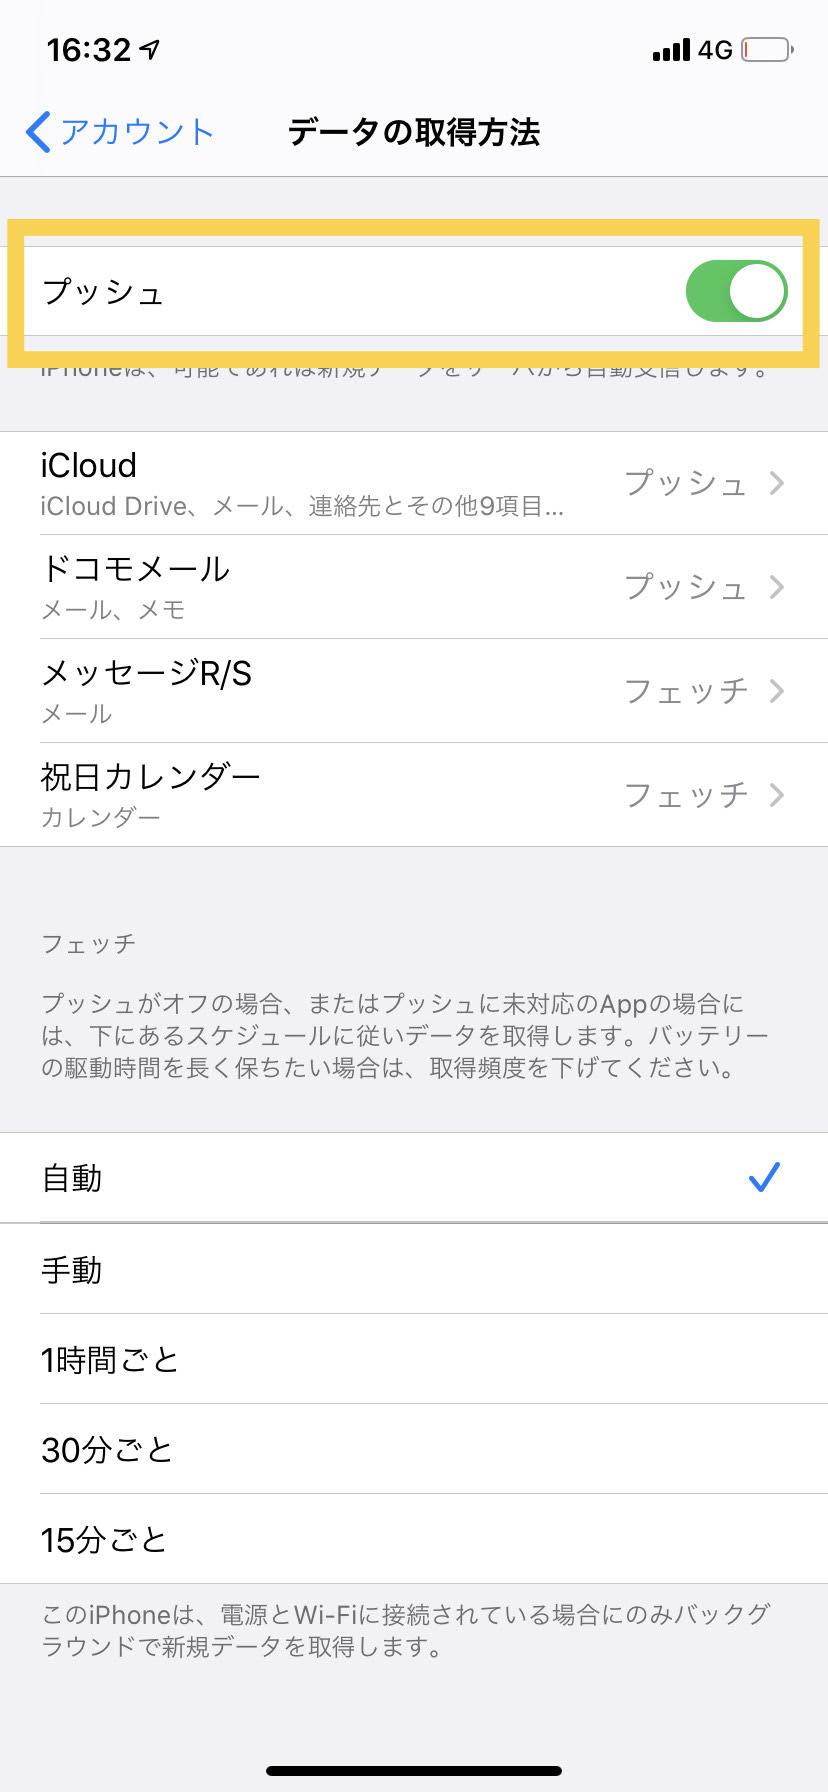 icloudメールが手動受信になっているか確認する